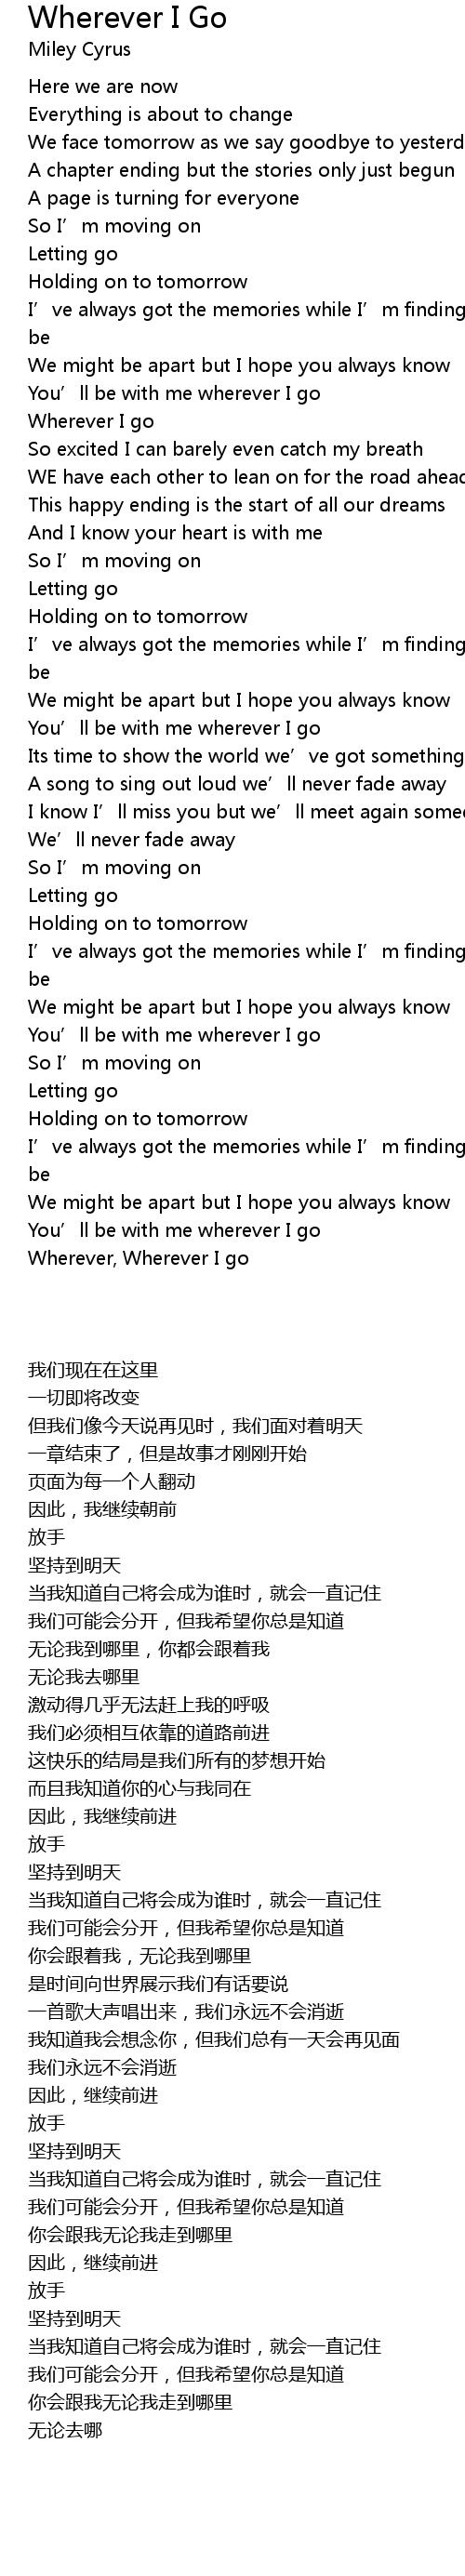 Wherever I Go Lyrics Follow Lyrics